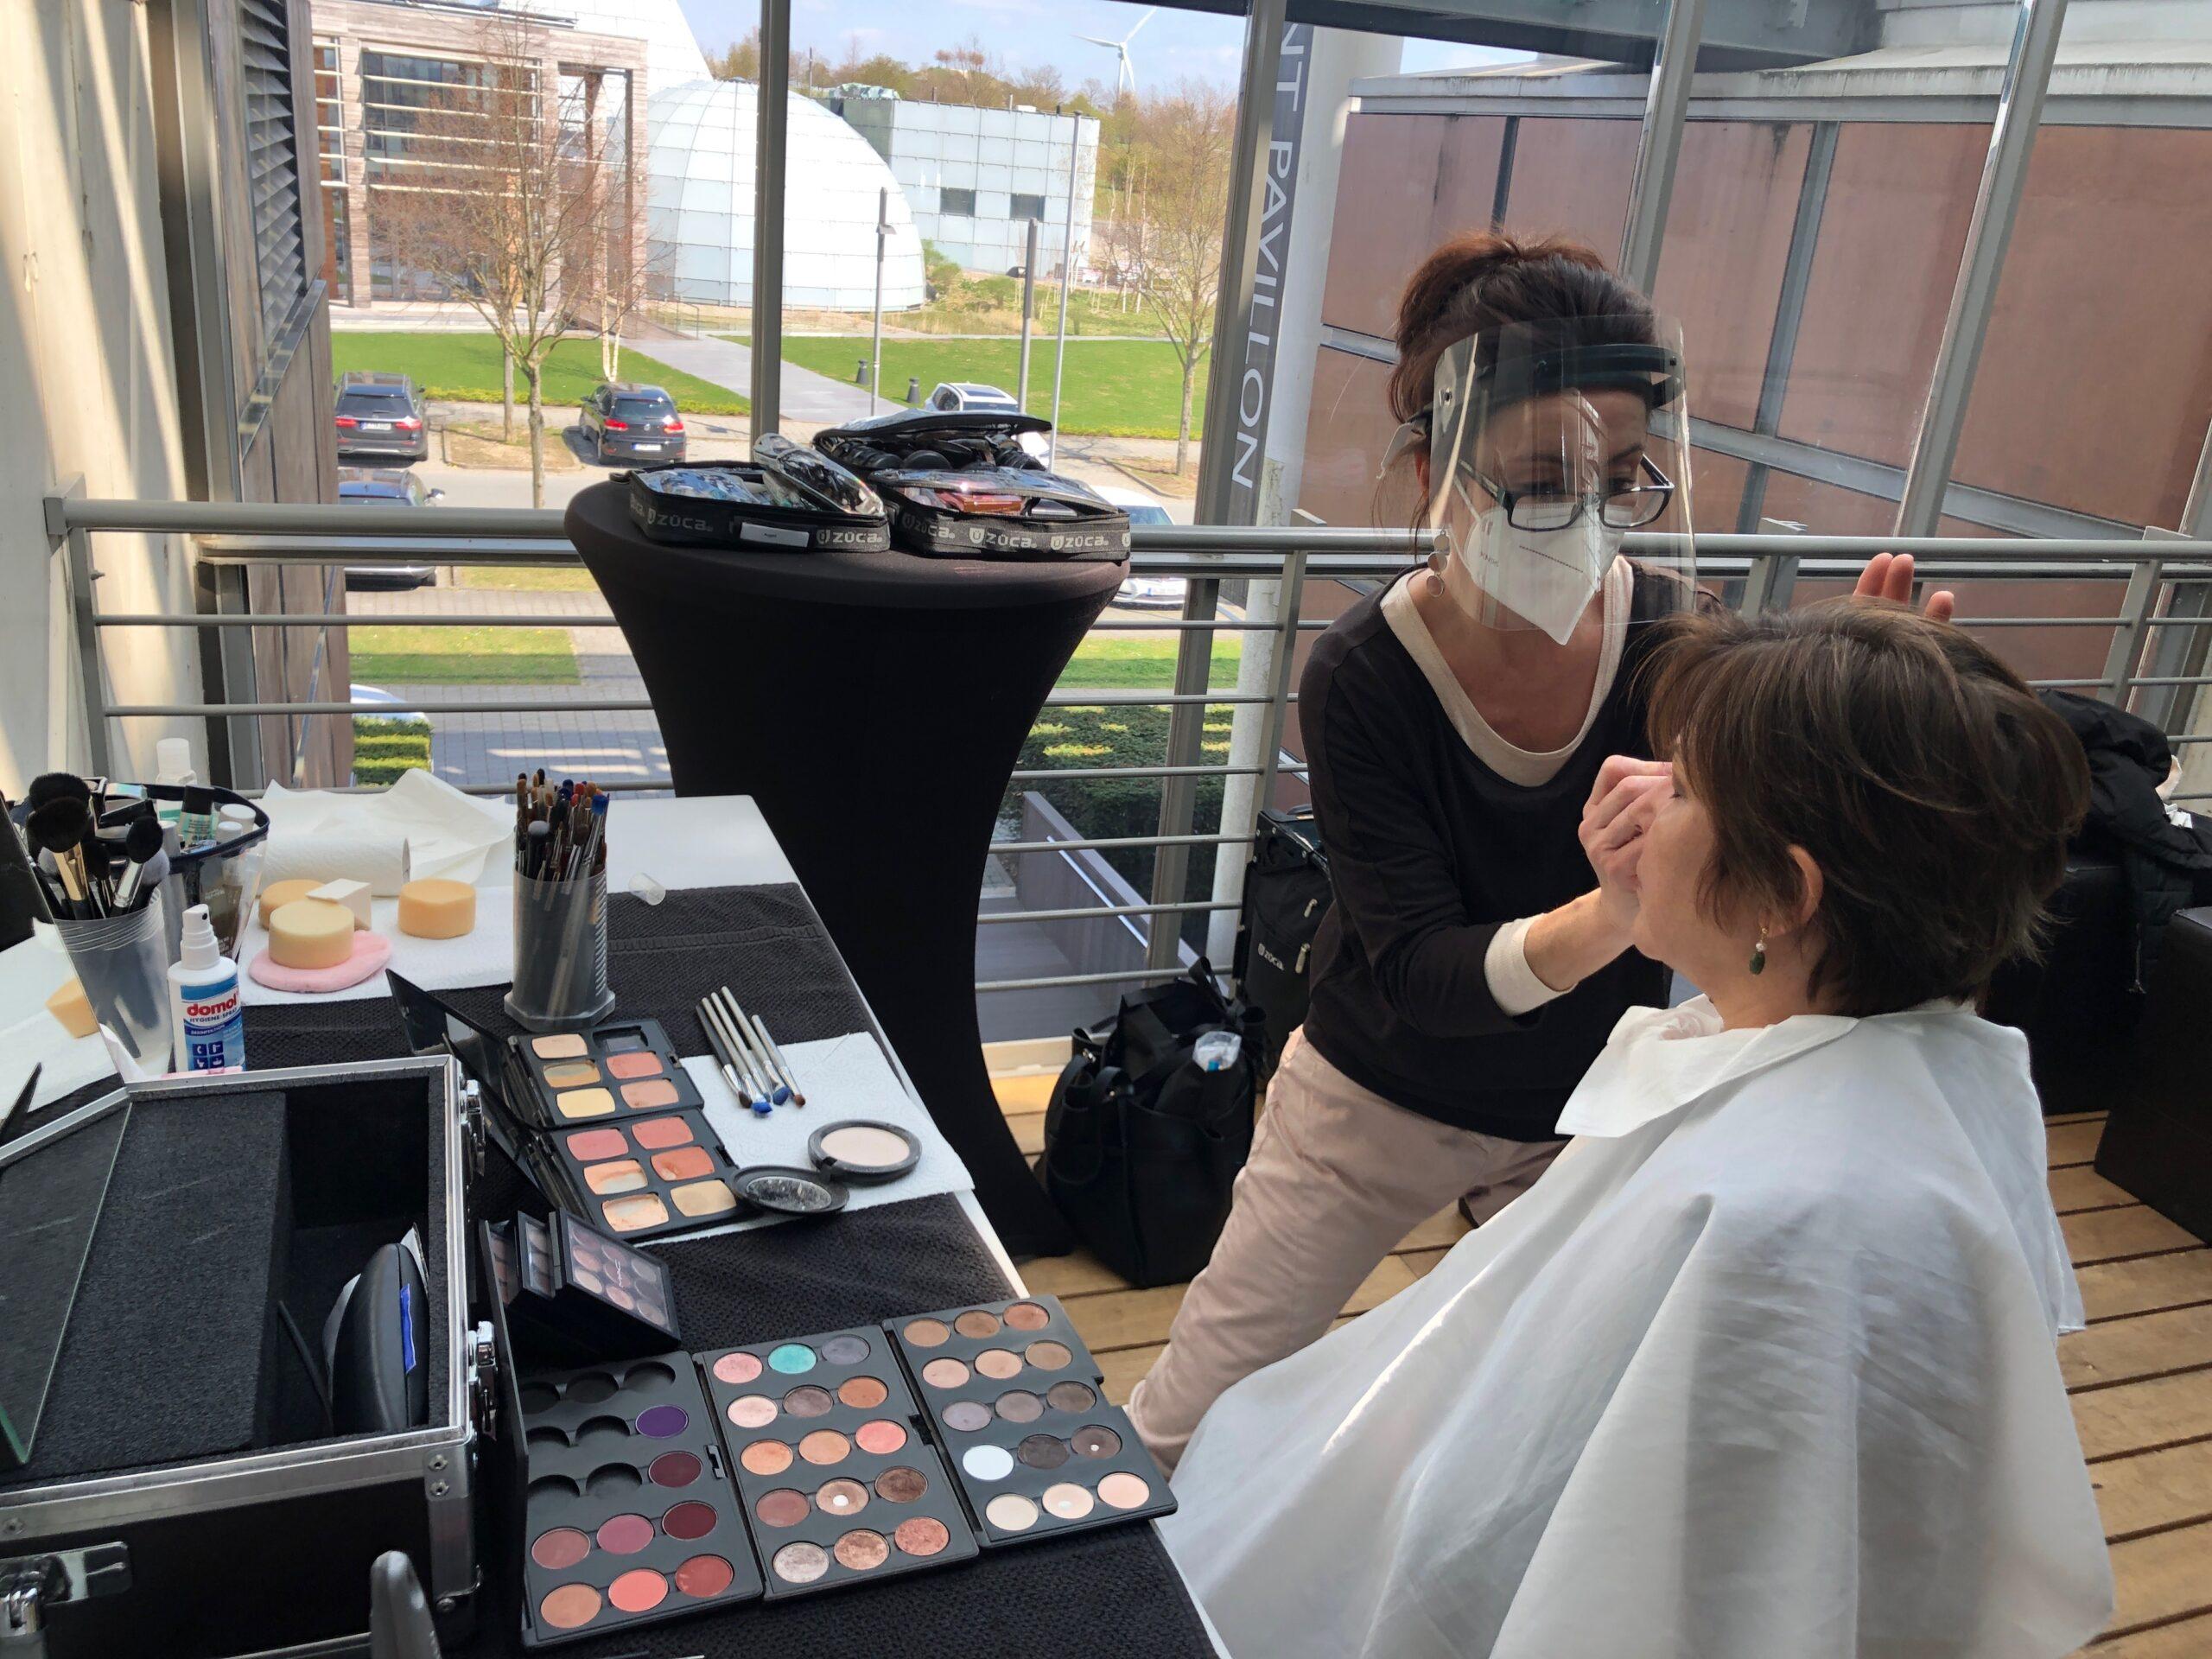 """AktionKindertraum Ute Friese Maske scaled - Unsere 2. Talkshow: Transparenz im """"Blickpunkt"""""""